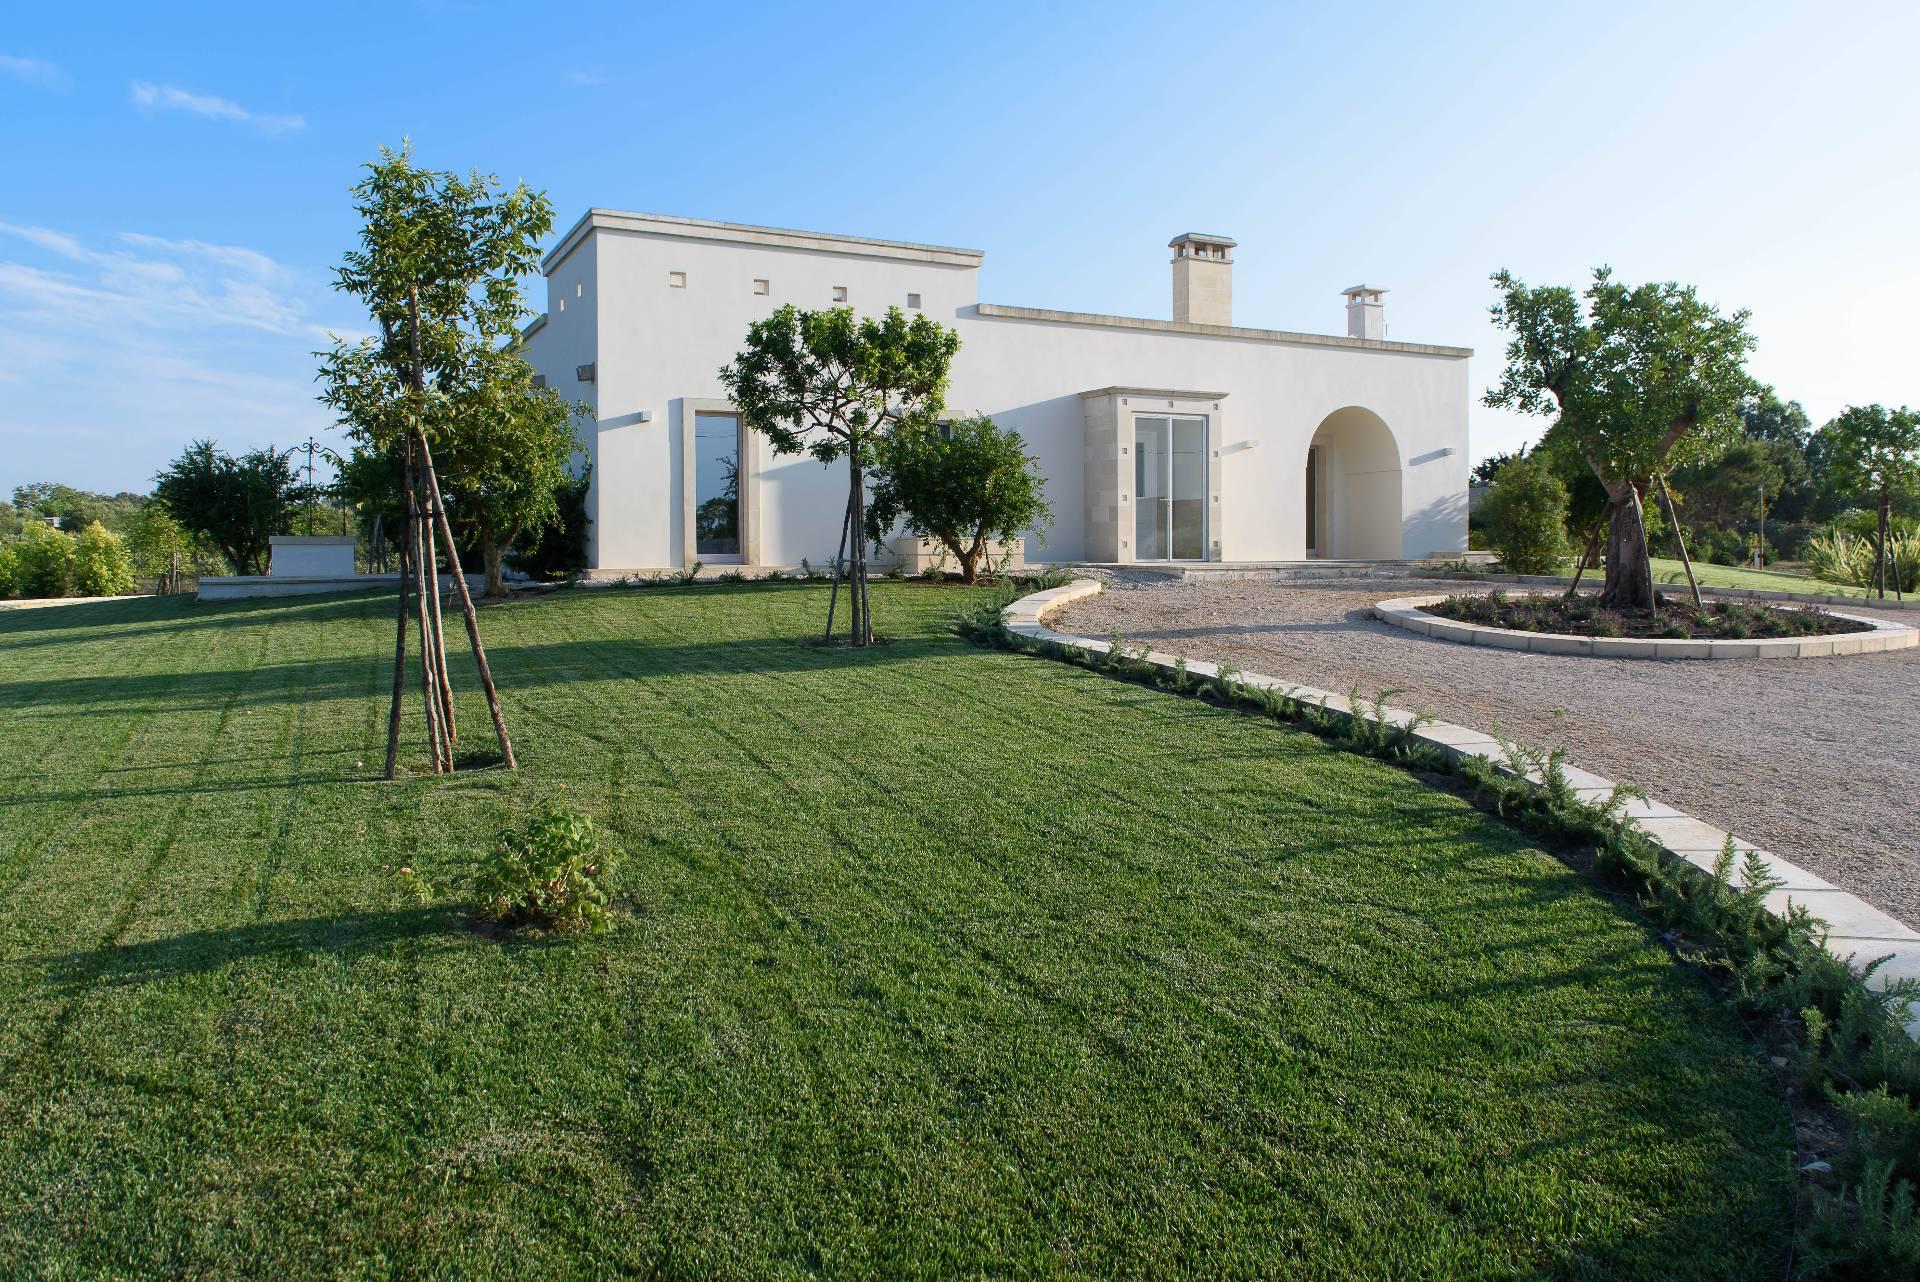 Villa in Vendita a Cutrofiano contrada contatore